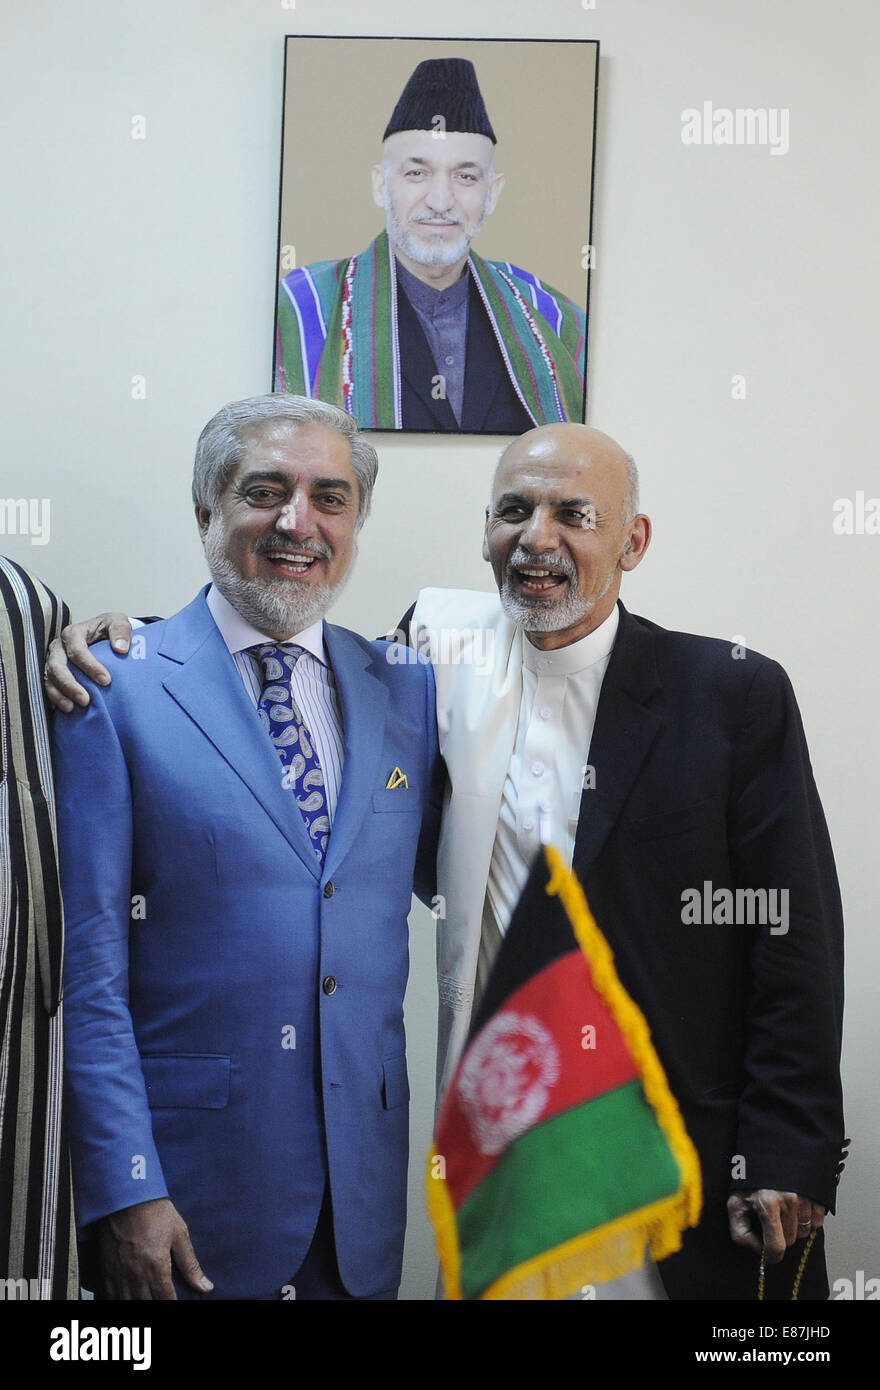 Kabul, Afghanistan  1st Oct, 2014  Afghan President Ashraf